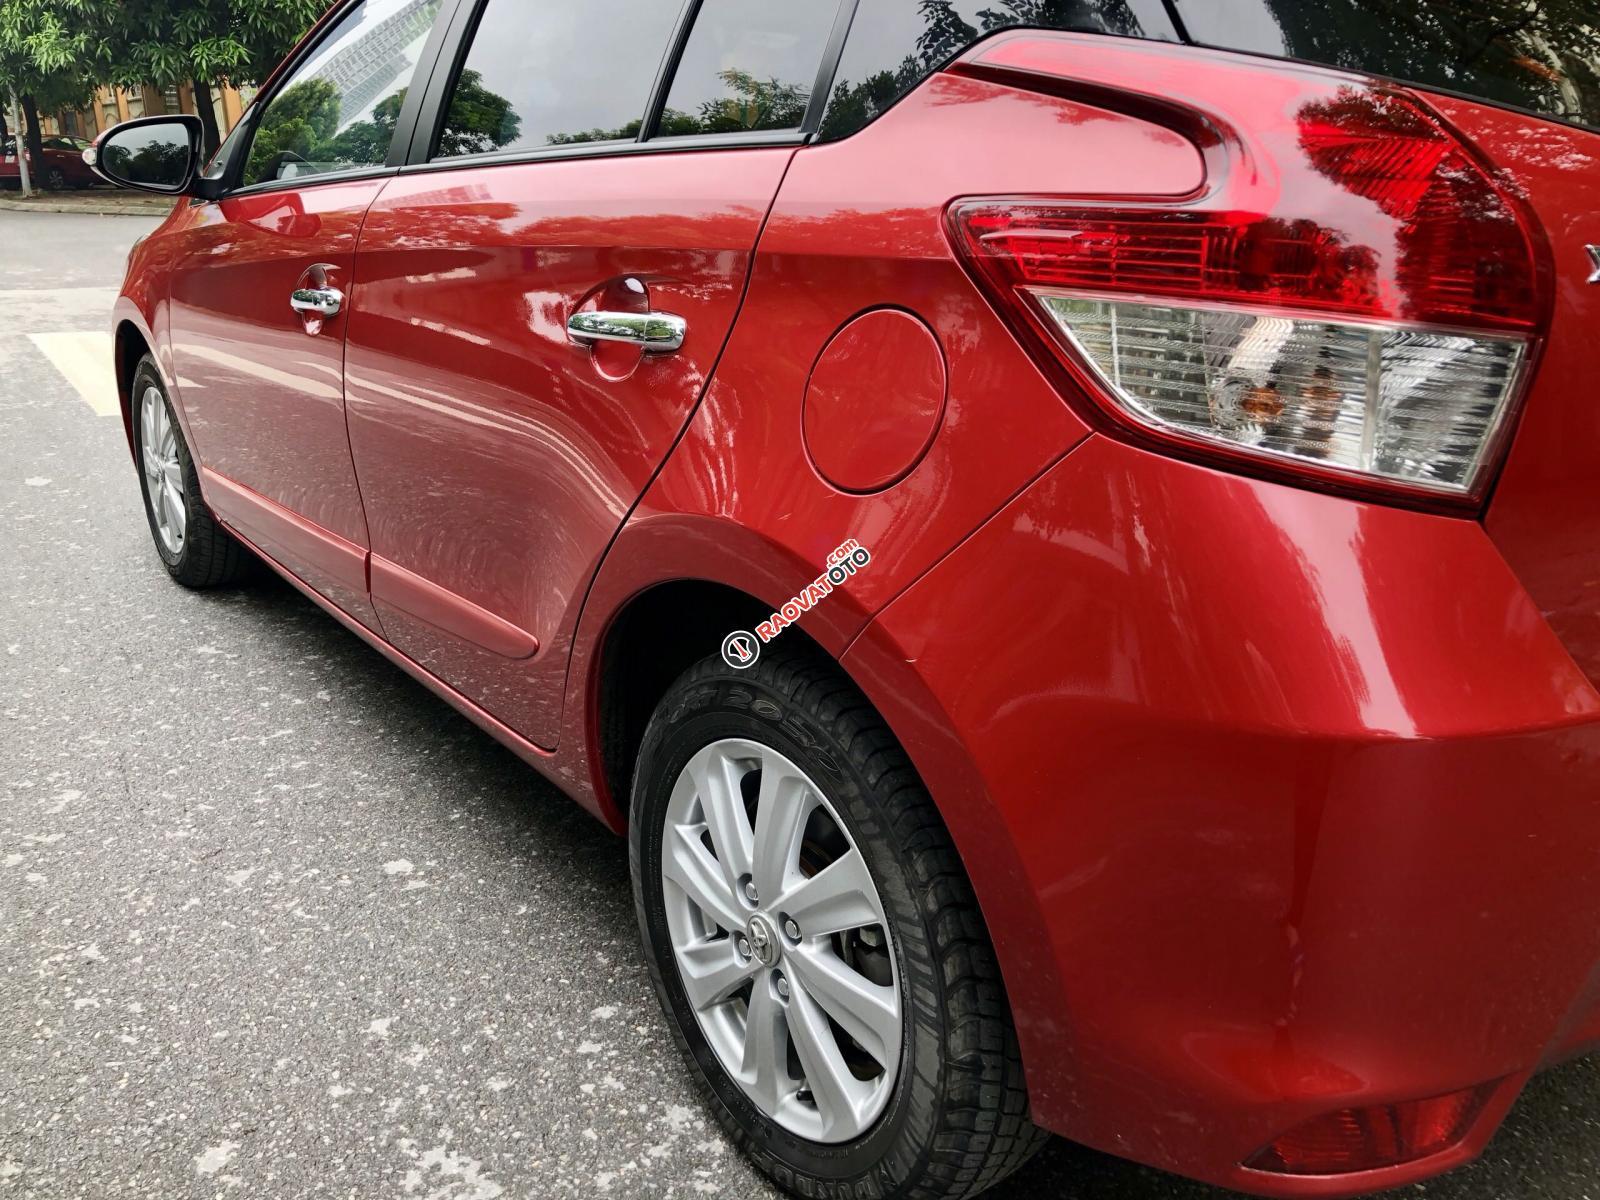 Bán xe lướt nhẹ Toyota Yaris sản xuất 2017, màu đỏ xe gia đình giá tốt 610tr-8